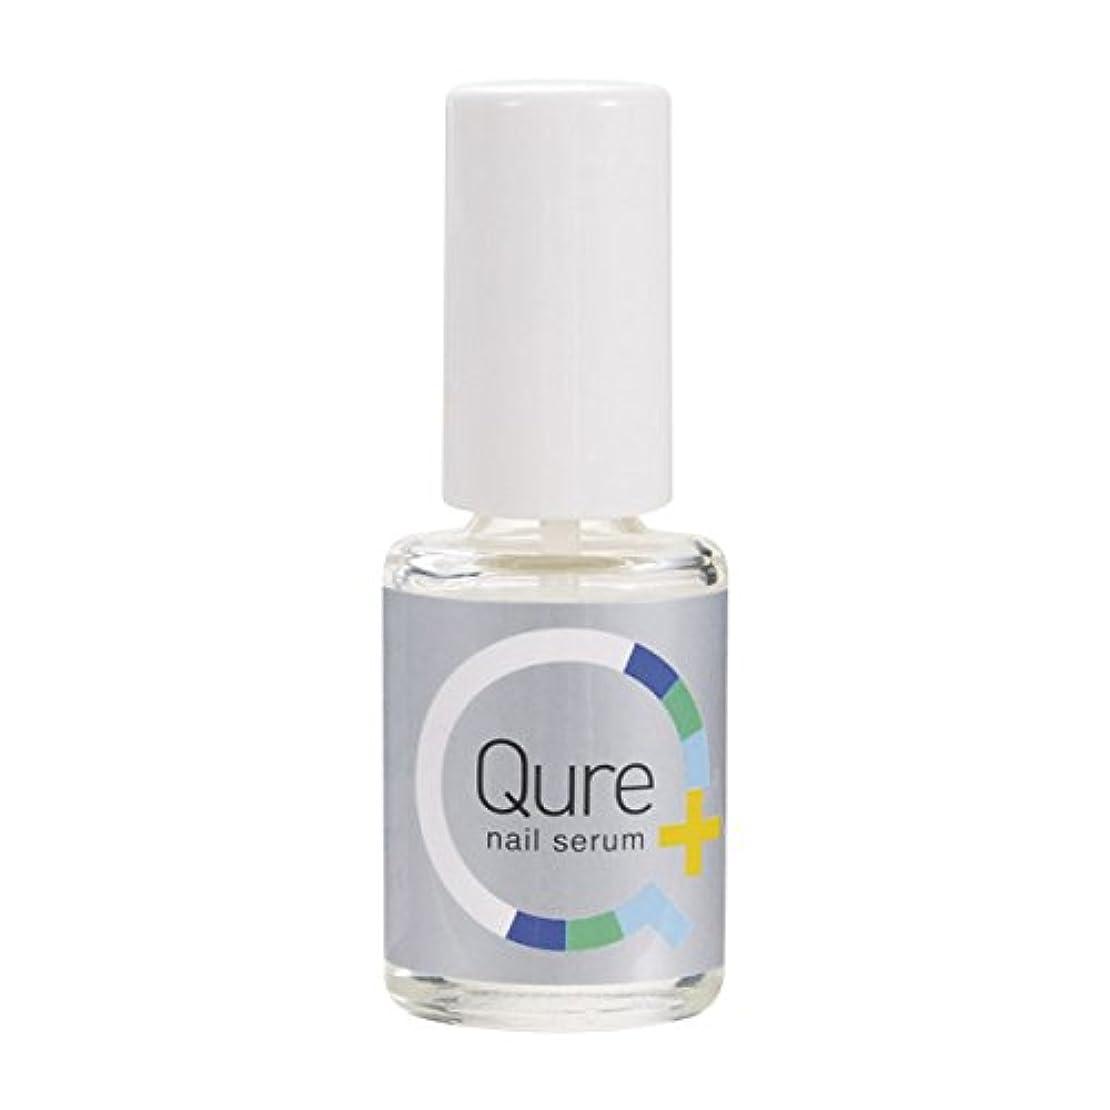 供給部分的タバコネイル美容液 キュレ-Qure-(6ml) 1本